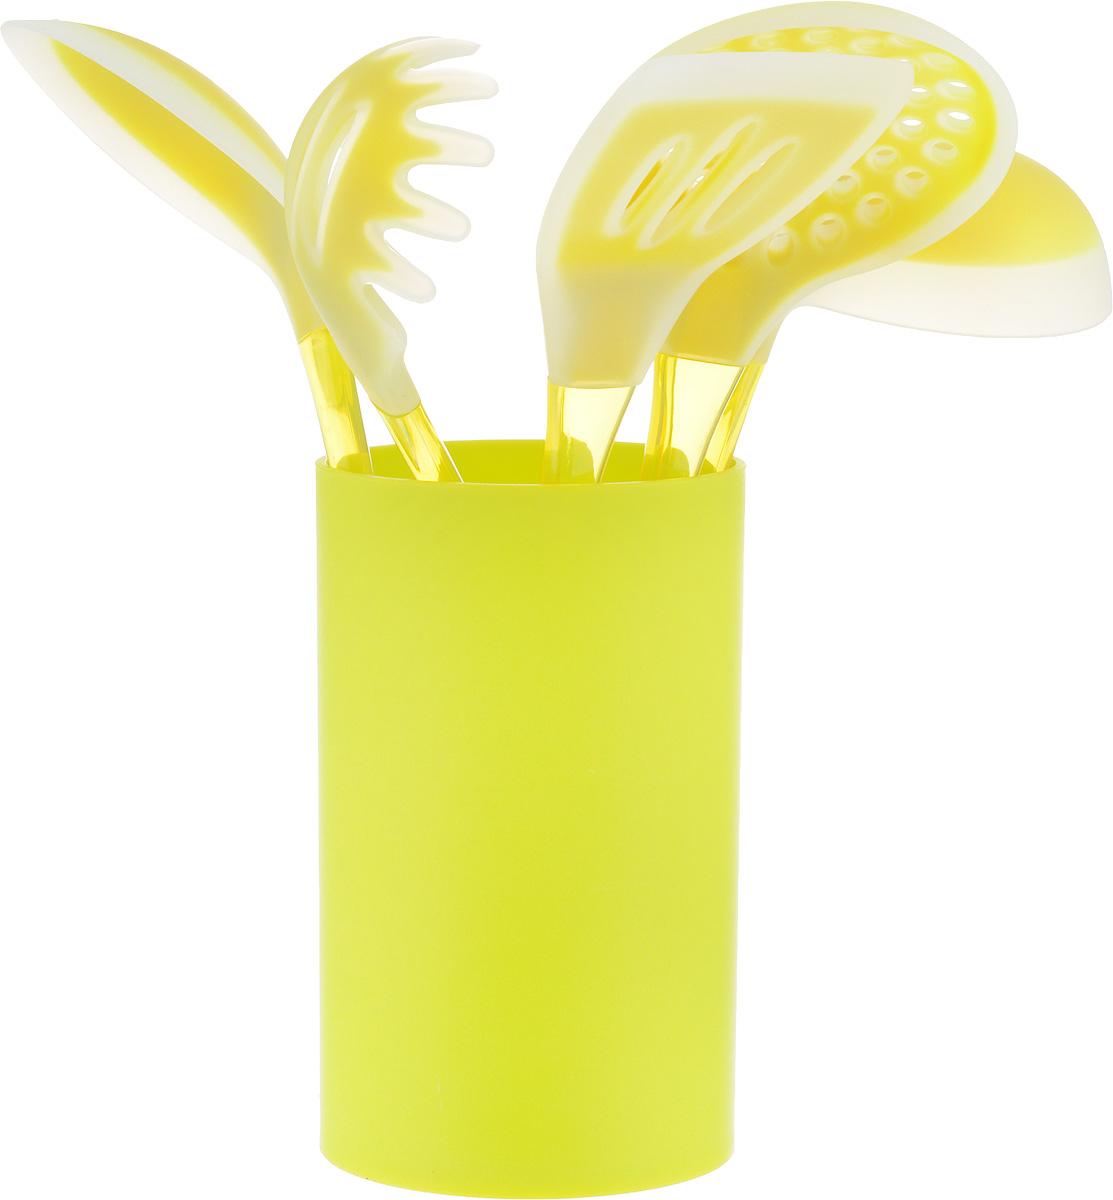 Набор кухонных принадлежностей Mayer & Boch, цвет: салатовый, желтый, 6 предметов22487_салатовыйНабор кухонных принадлежностей Mayer & Boch включает ложку для спагетти, лопатку с прорезями, ложку для помешивания, шумовку, половник и подставку. Приборы выполнены из пластика, рабочие поверхности предметов покрыты безопасным пищевым силиконом, что позволяет использовать их для посуды с антипригарным покрытием. Ручки приборов, изготовленные из полистирола, снабжены отверстиями для подвешивания. Для удобного хранения в наборе предусмотрена подставка с покрытием Soft-Touch. Этот профессиональный набор очень удобен в использовании. Наслаждайтесь приготовлением пищи с набором кухонных принадлежностей Mayer & Boch. Длина ложки для спагетти: 31 см. Диаметр рабочей поверхности ложки для спагетти: 7,5 см. Длина шумовки: 34 см. Диаметр рабочей поверхности шумовки: 10,5 см. Длина ложки: 33 см. Размер рабочей поверхности ложки: 6,5 х 11 см. Длина лопатки: 33,5 см. Размер рабочей поверхности лопатки: 8 х 10 см. Длина половника: 30,5 см. Диаметр рабочей поверхности половника: 8,5 см.